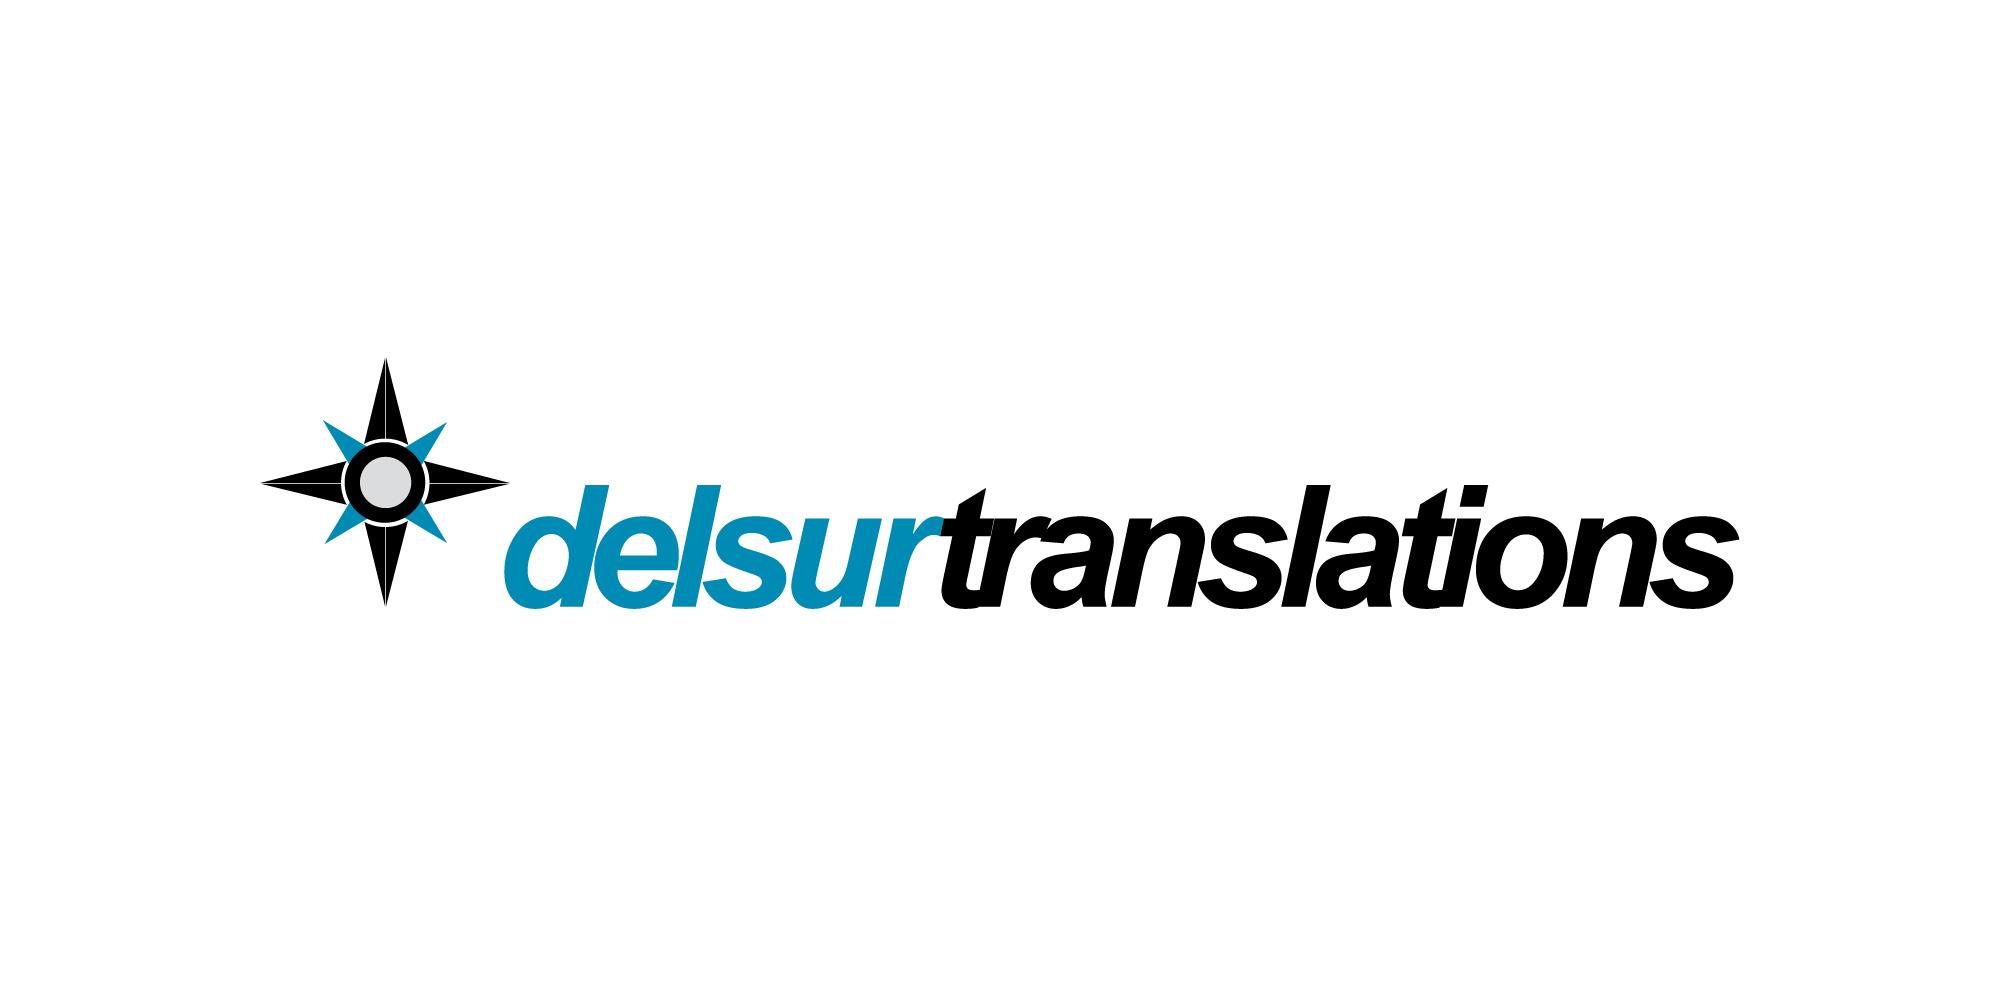 Logo delsurtranslations